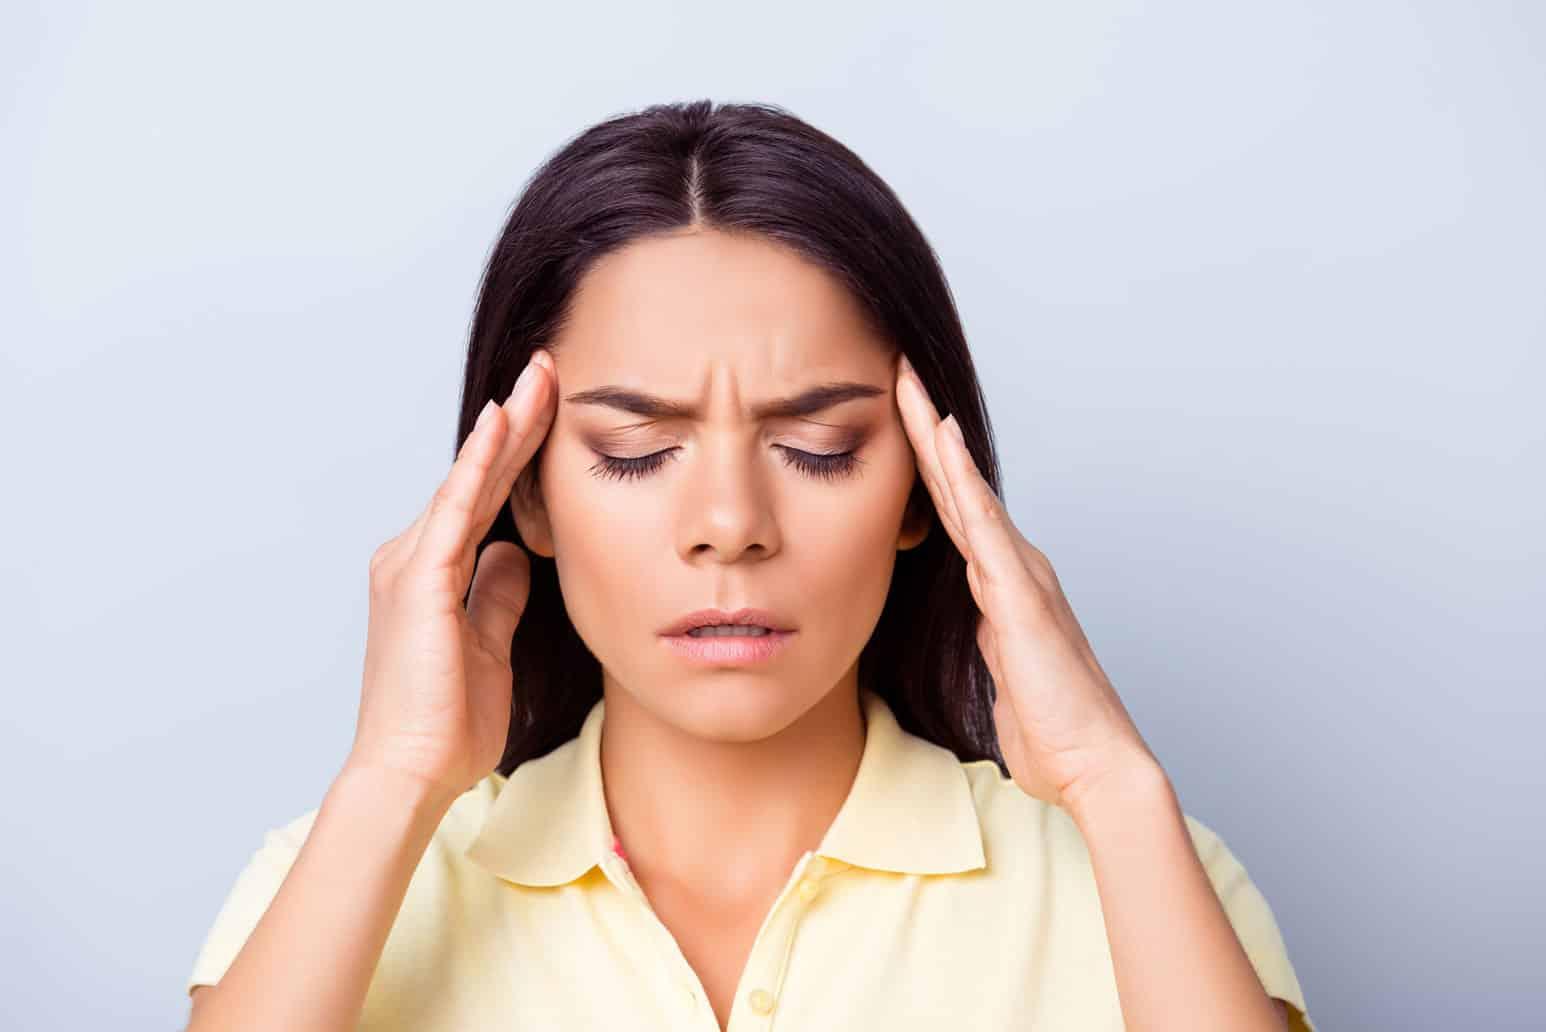 Junge Frau hat schmerzverzehrtes Gesicht durch Migränge und hält sich beide Hände an Ihre Schläfen.